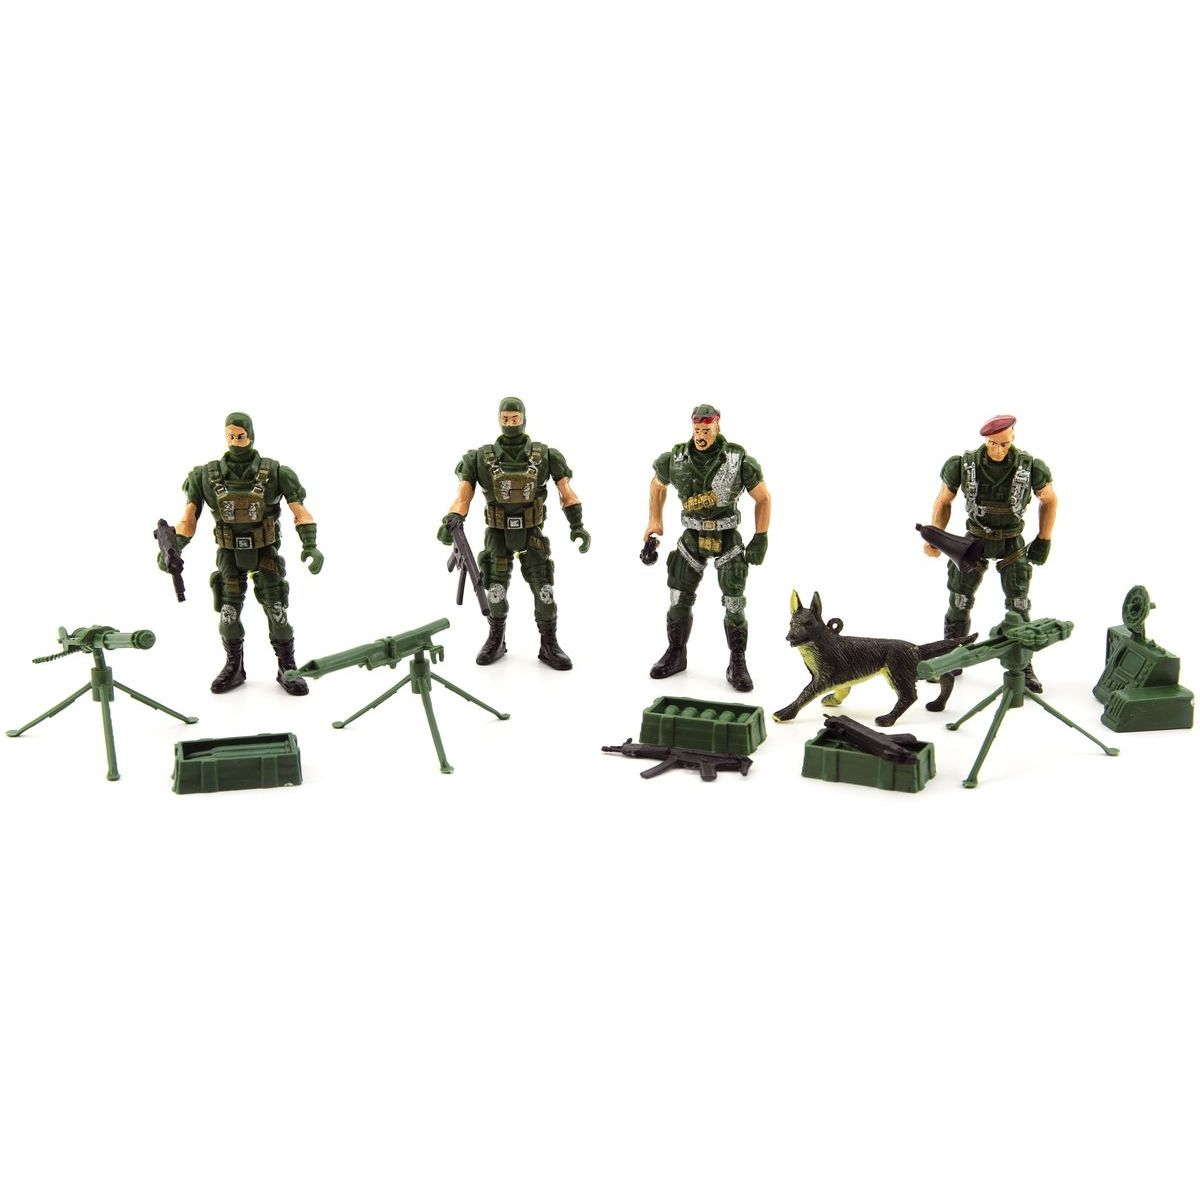 Sada vojáci 4 ks s doplňky plast CZ design